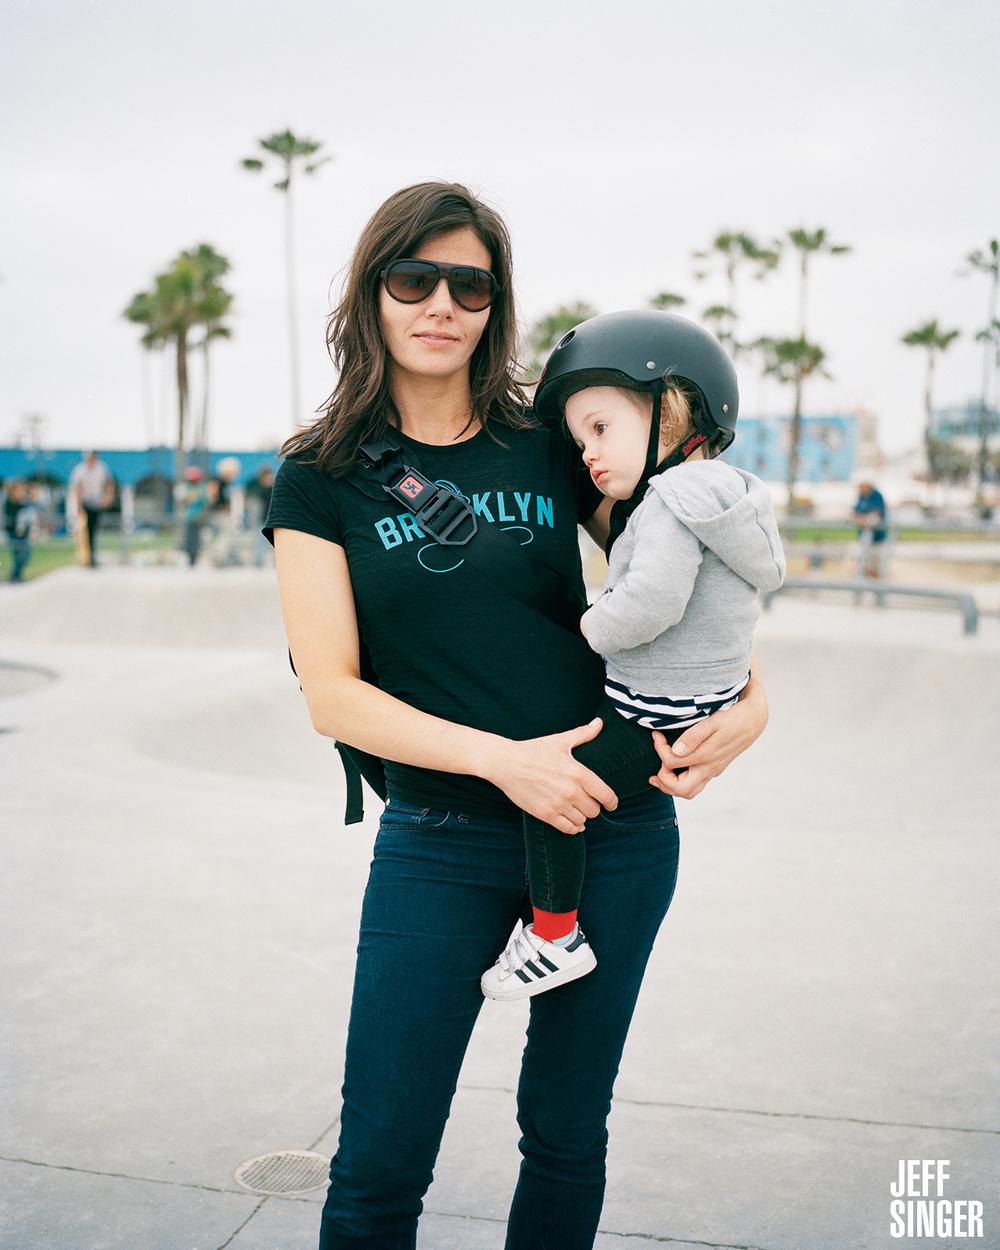 Kates & Chloe Venice Beach Skate Park